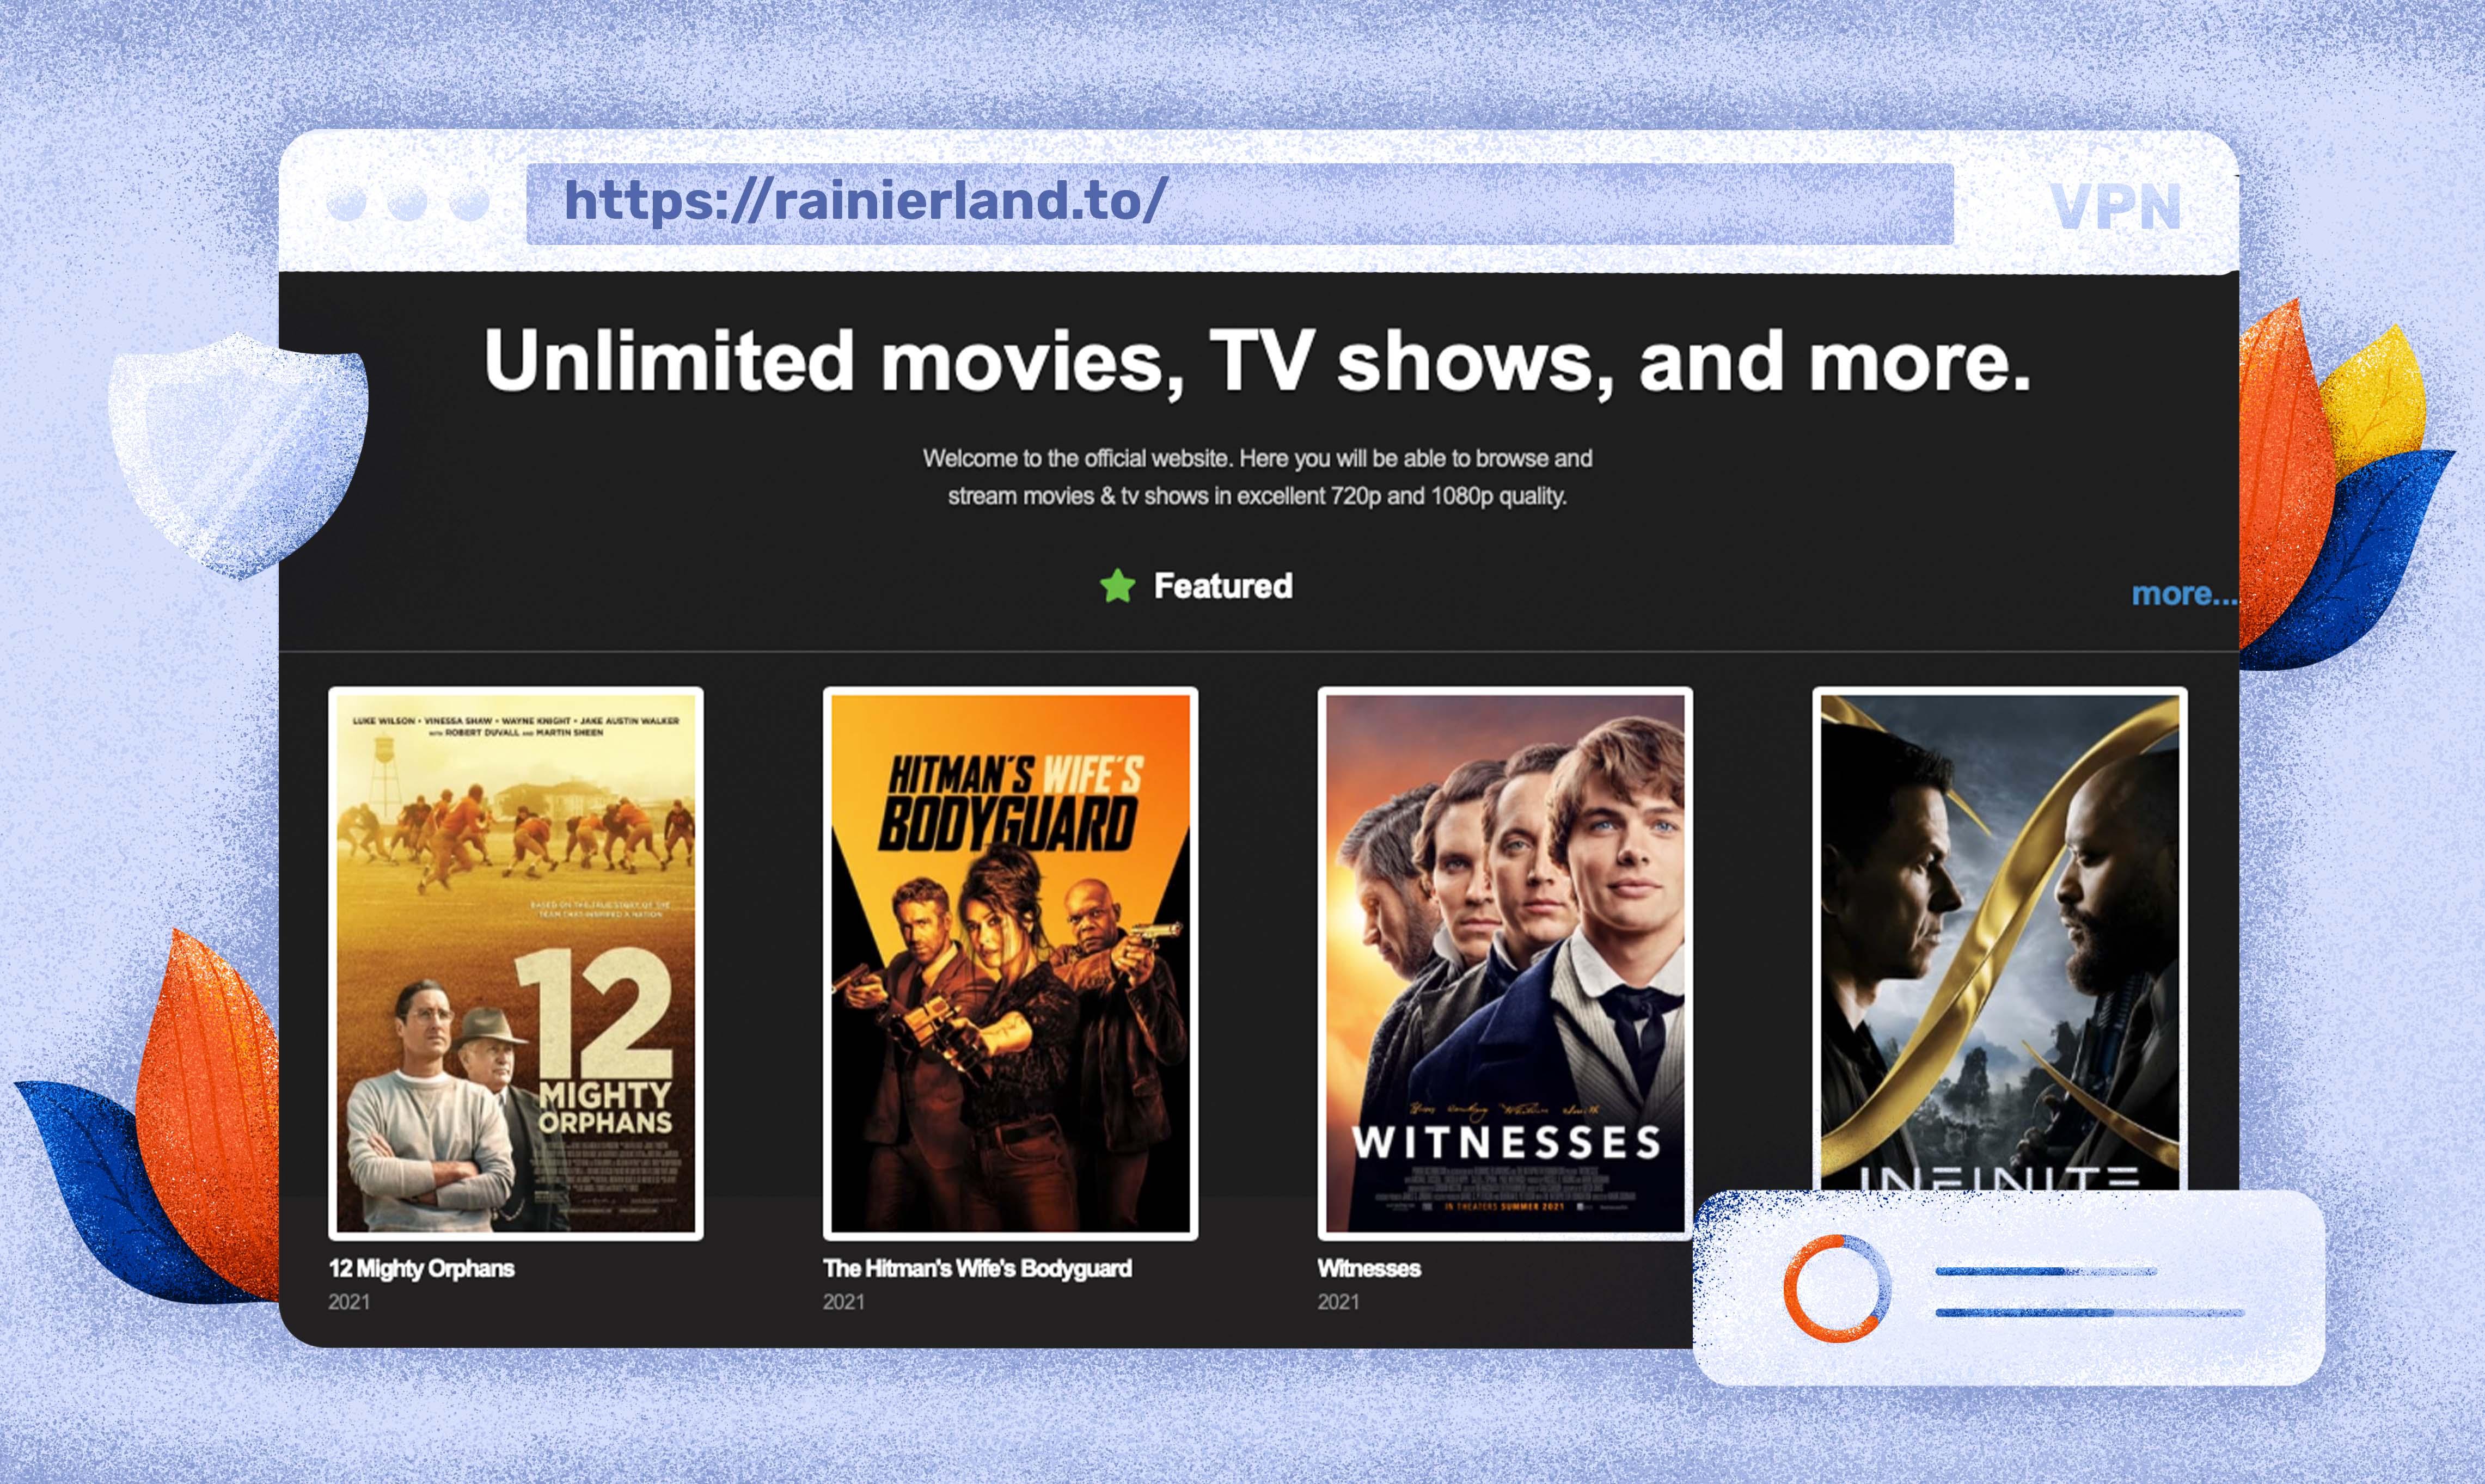 Użyj Rainierland jako alternatywy putlocker dla streamingu filmów i seriali.